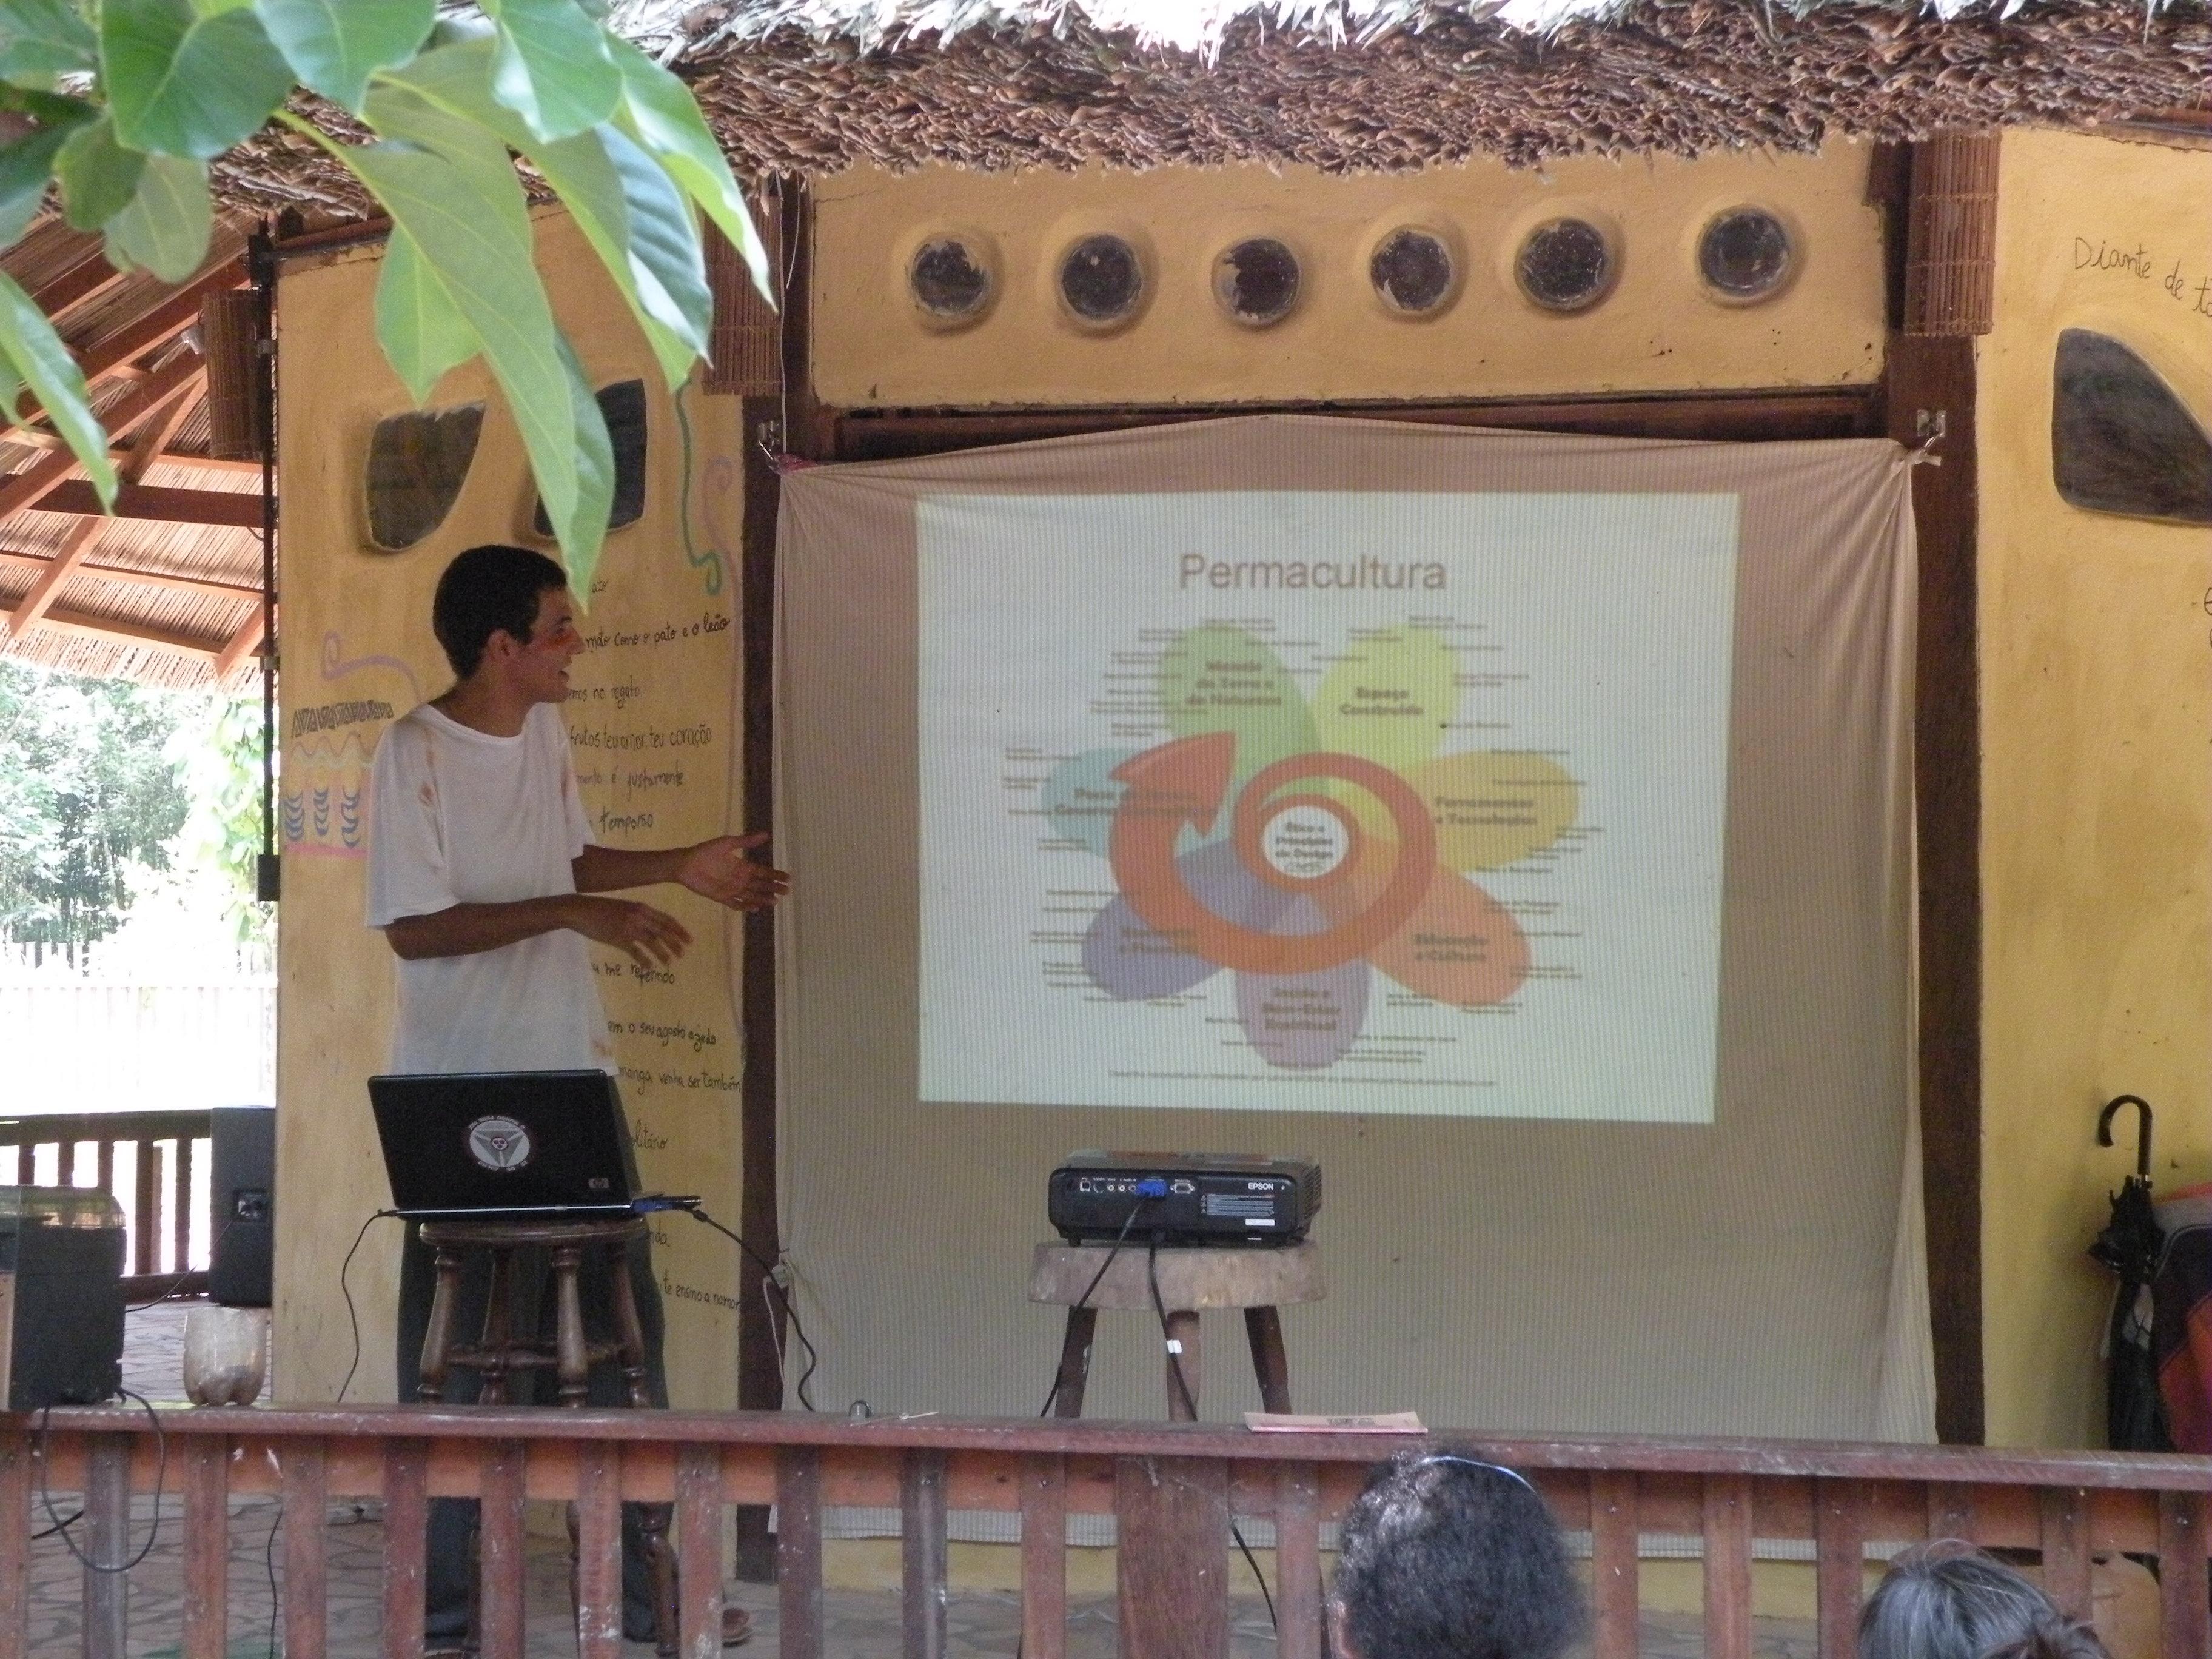 Nando falando sobre os principios éticos da permacultura